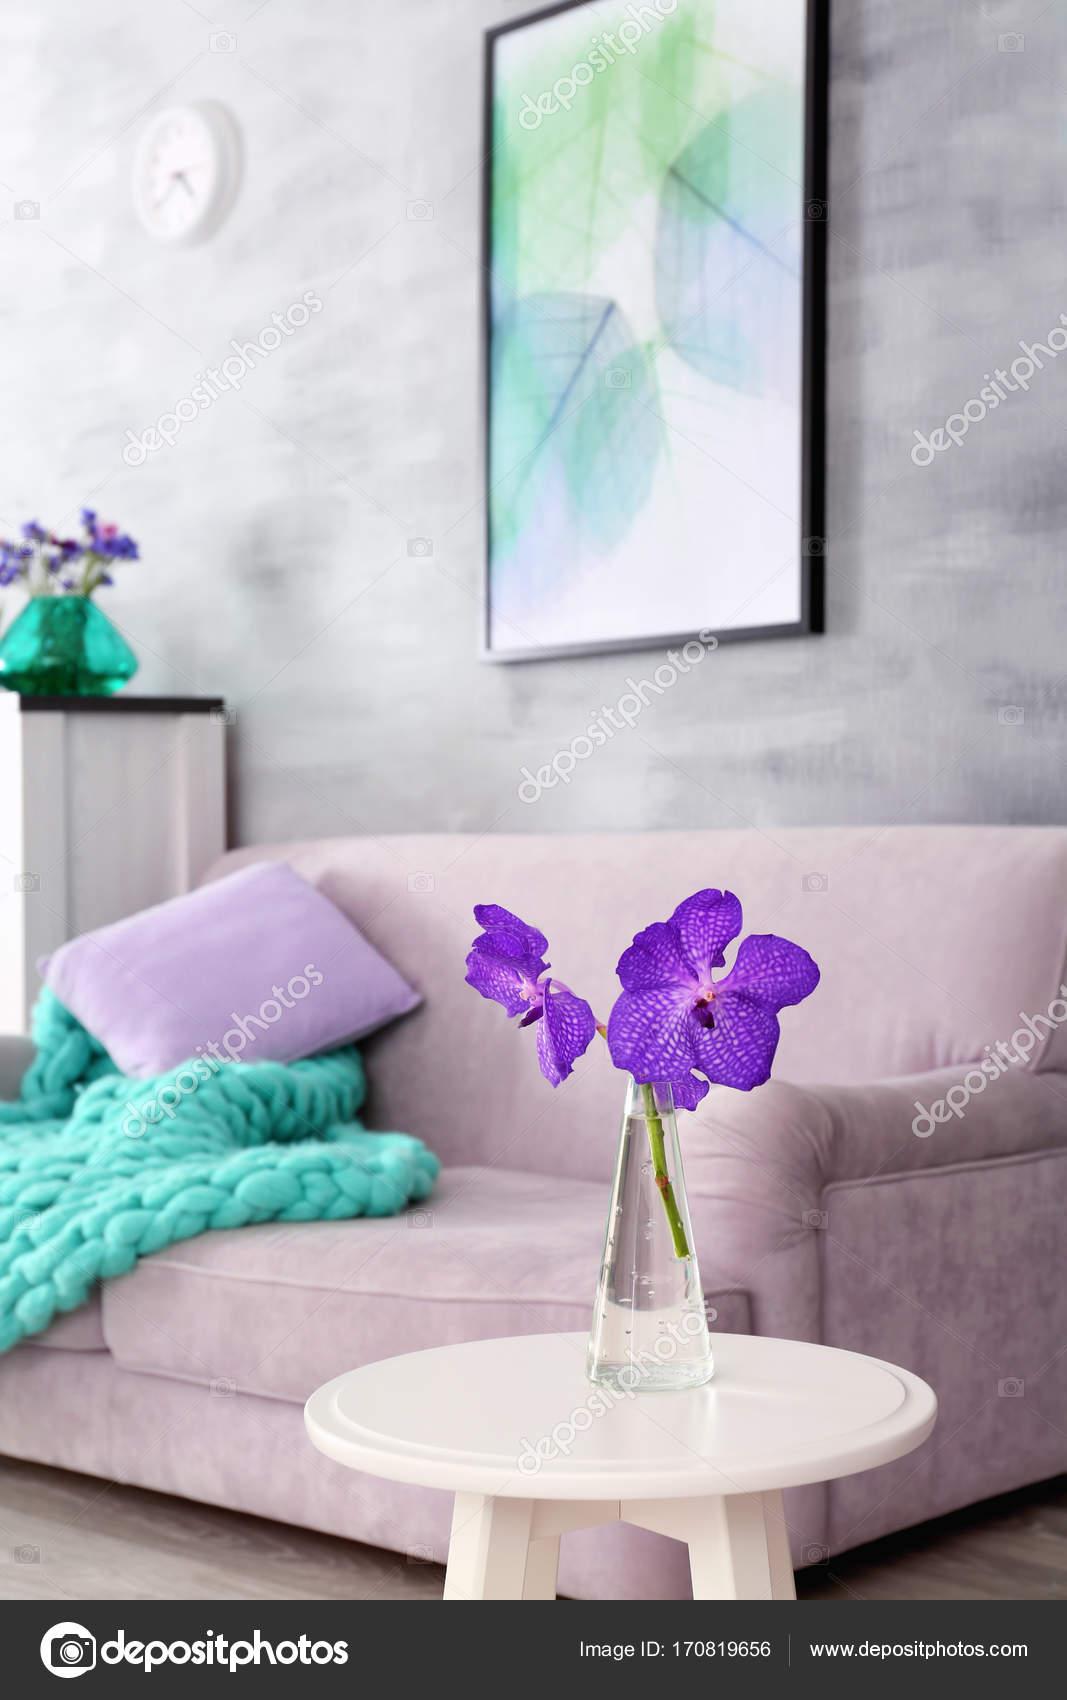 Lila Akzent In Modernen Interieur. Tisch Mit Blumen Und Bequemen Couch Im  Wohnzimmer U2014 Stockfoto